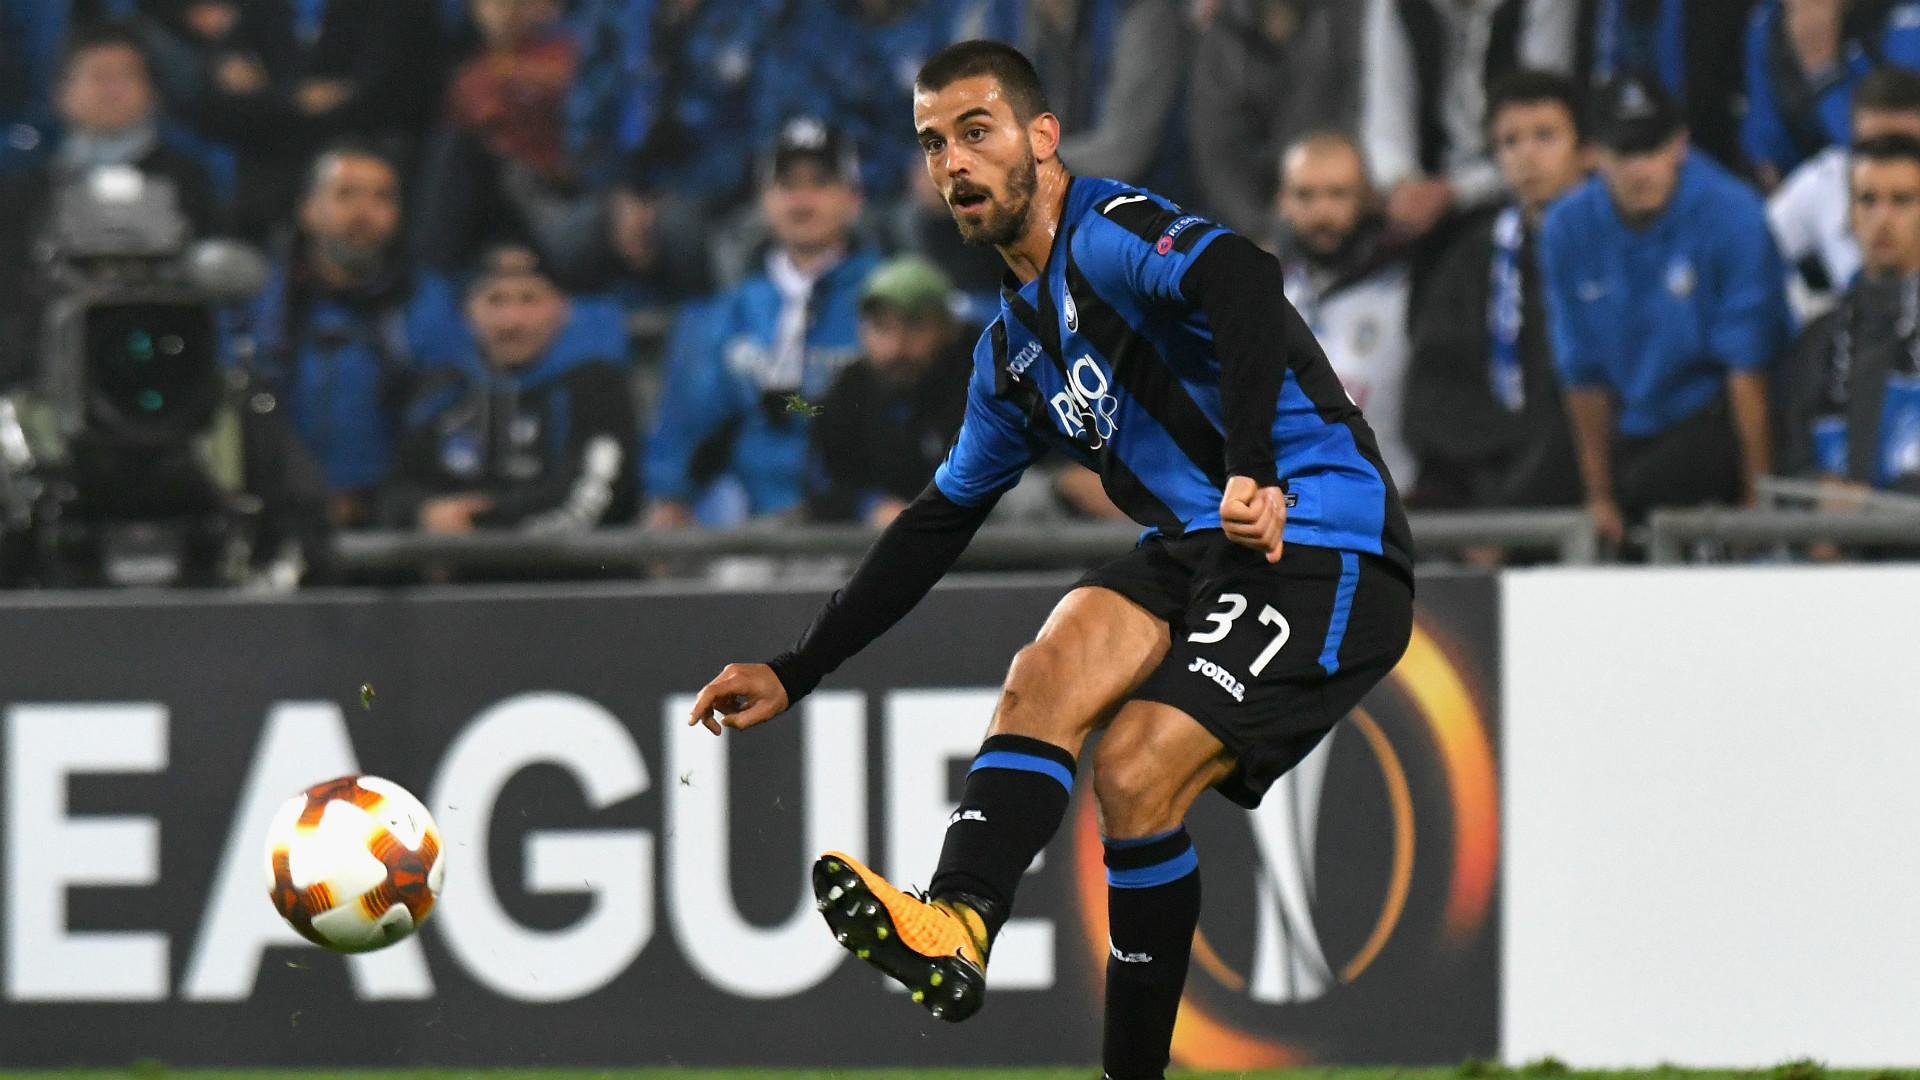 Serie A, infortunio per Spinazzola: lesione del legamento crociato